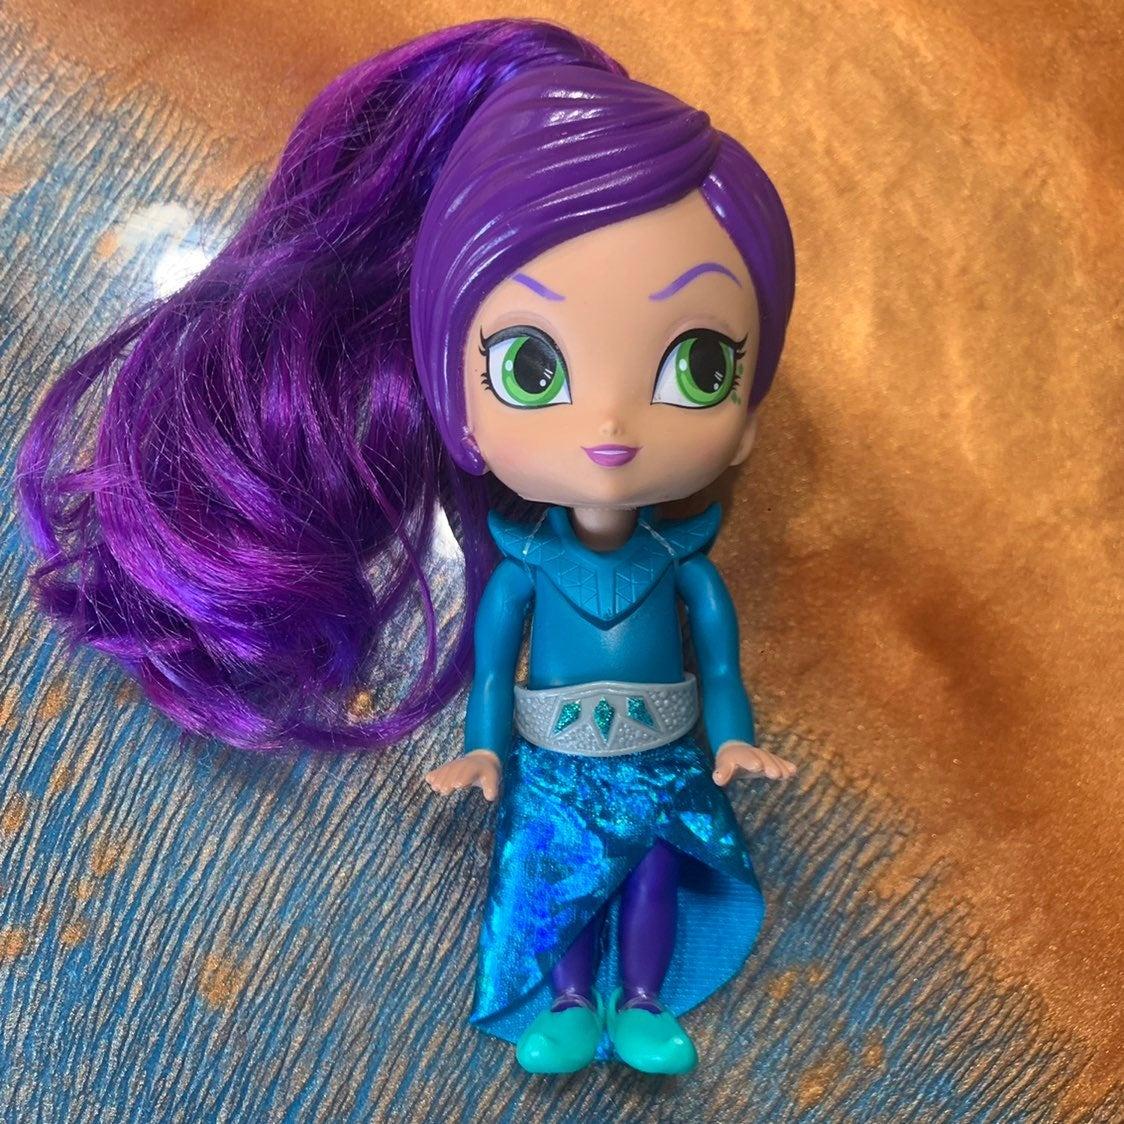 Nickelodeon Zeta Genie Shimmer and Shine